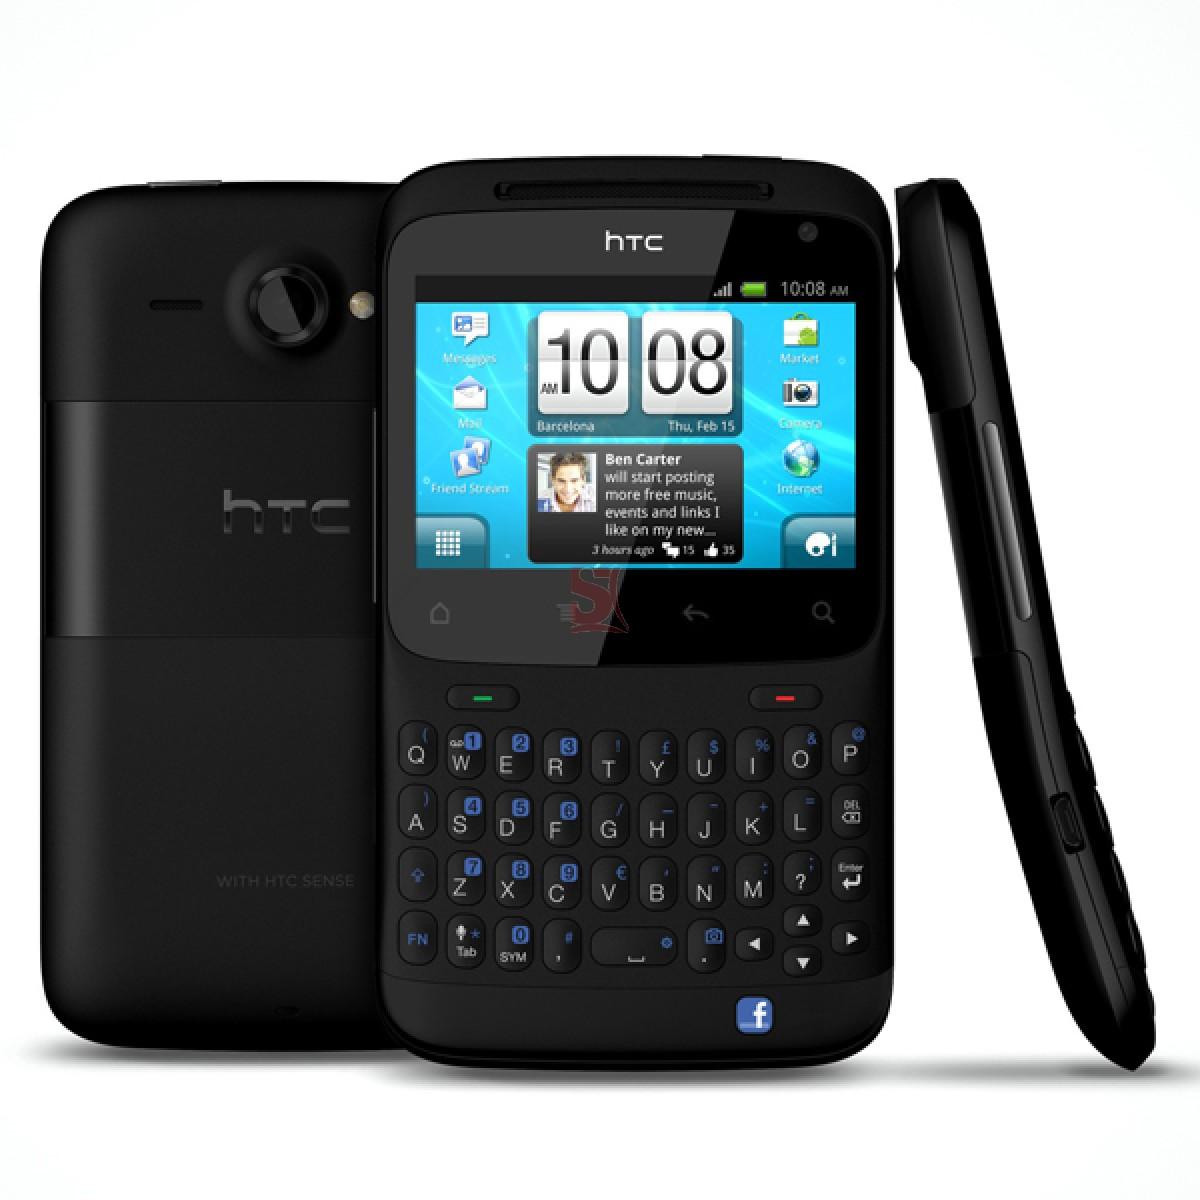 http://1.bp.blogspot.com/-C33Fdb8LoUY/UDXMKknEFoI/AAAAAAAADdw/NdUaBSrHZnE/s1600/HTC%20ChaCha%20Blackk.jpg